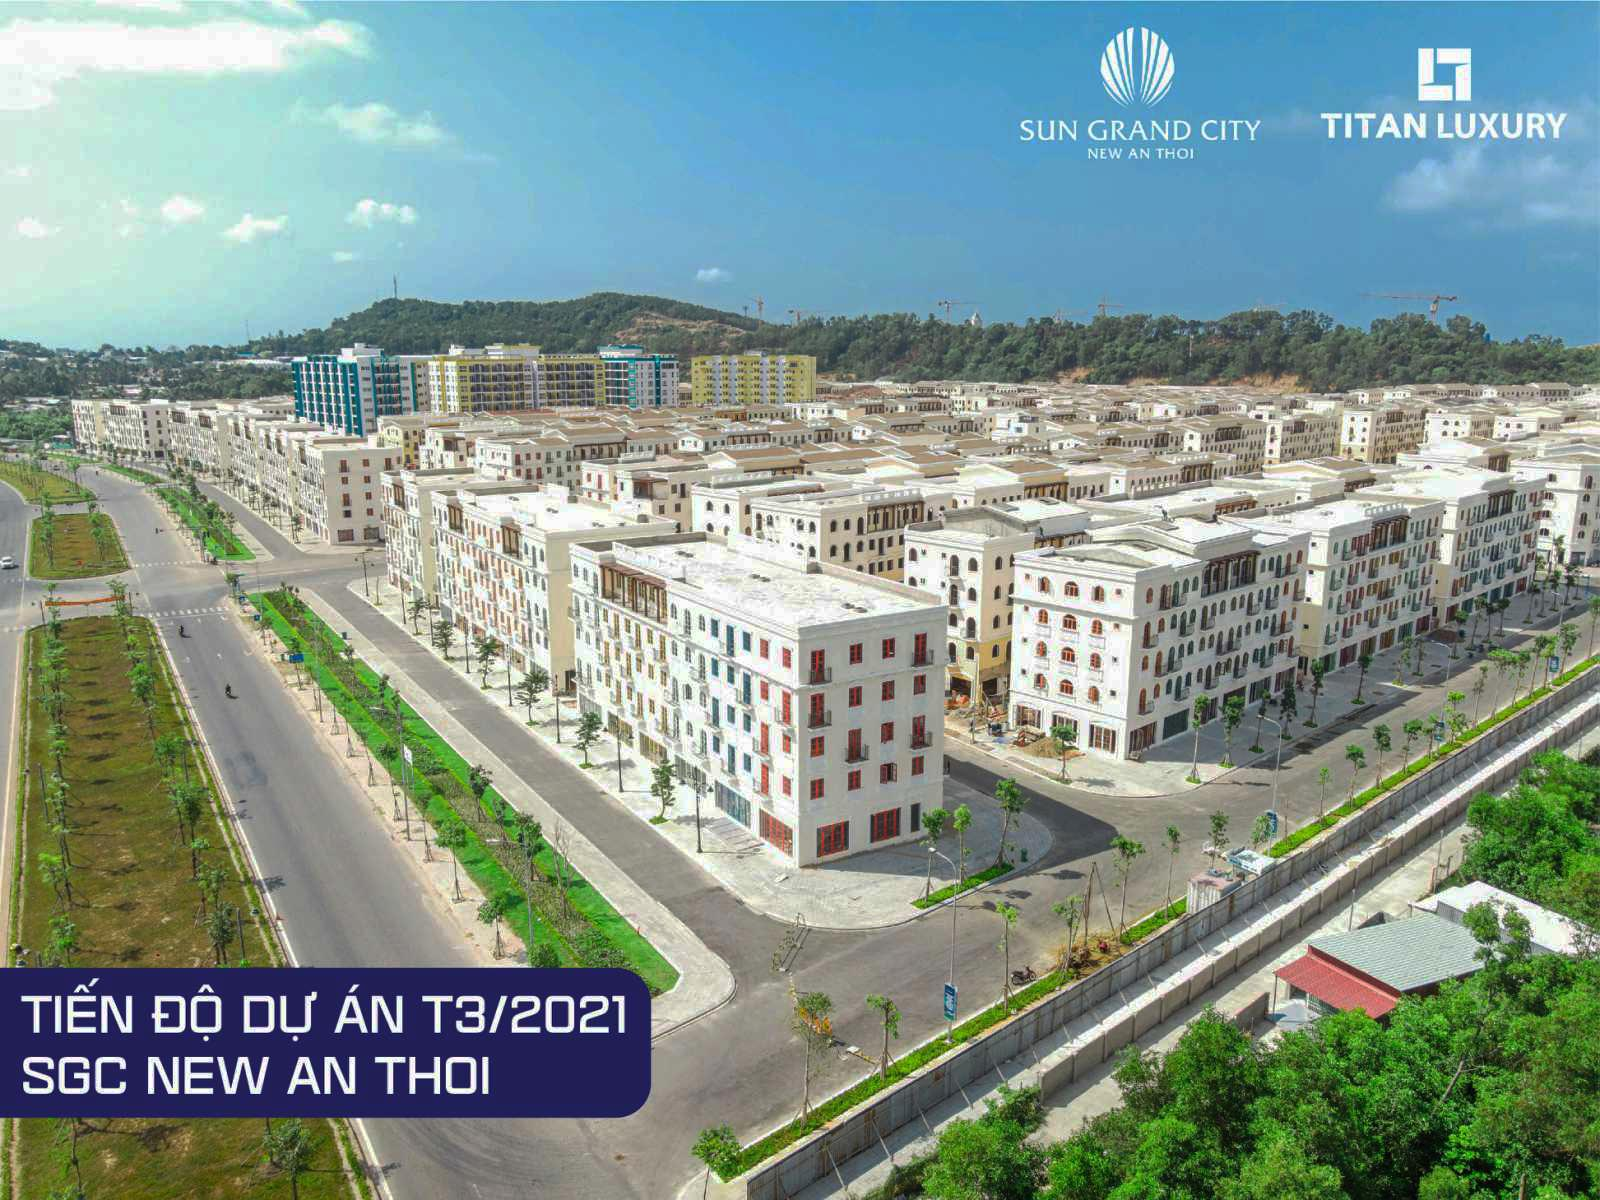 Cơ sở hạ tầng hoàn thiện phục vụ cư dân Grand City New An Thoi